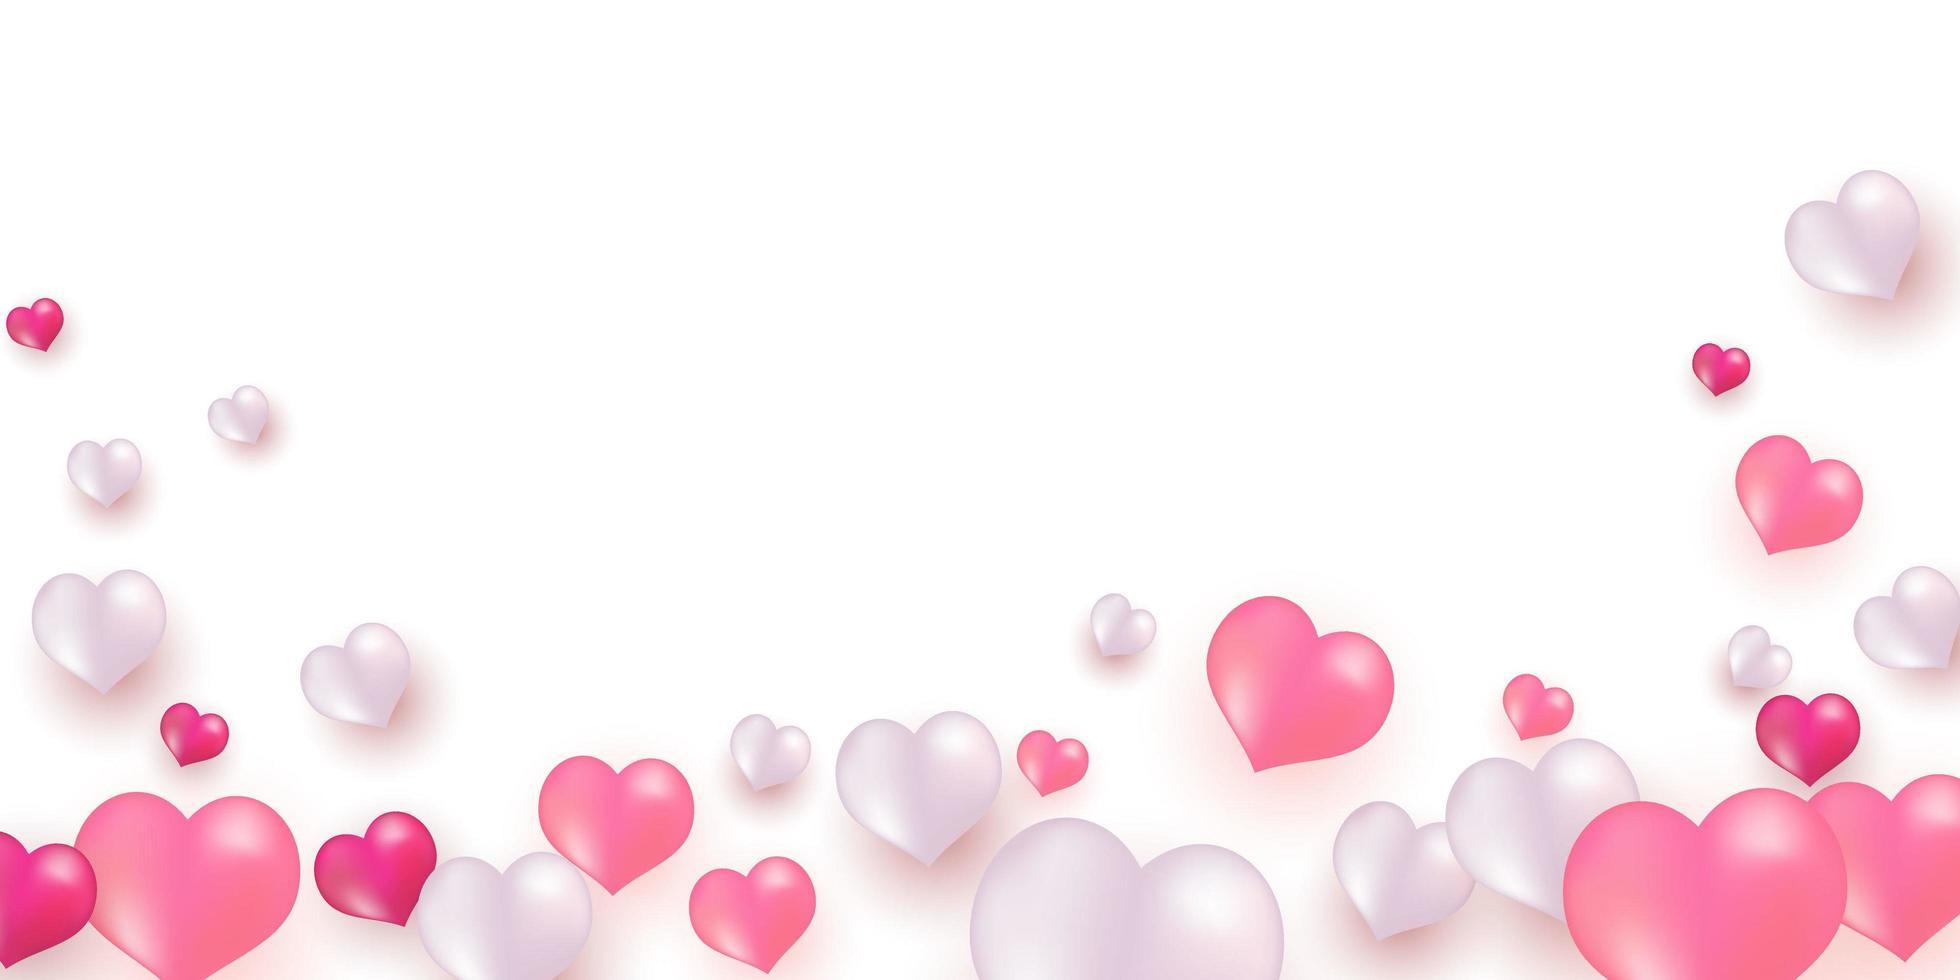 globos blancos rosados, plantilla de diseño de concepto de confeti dorado para el día de san valentín vector